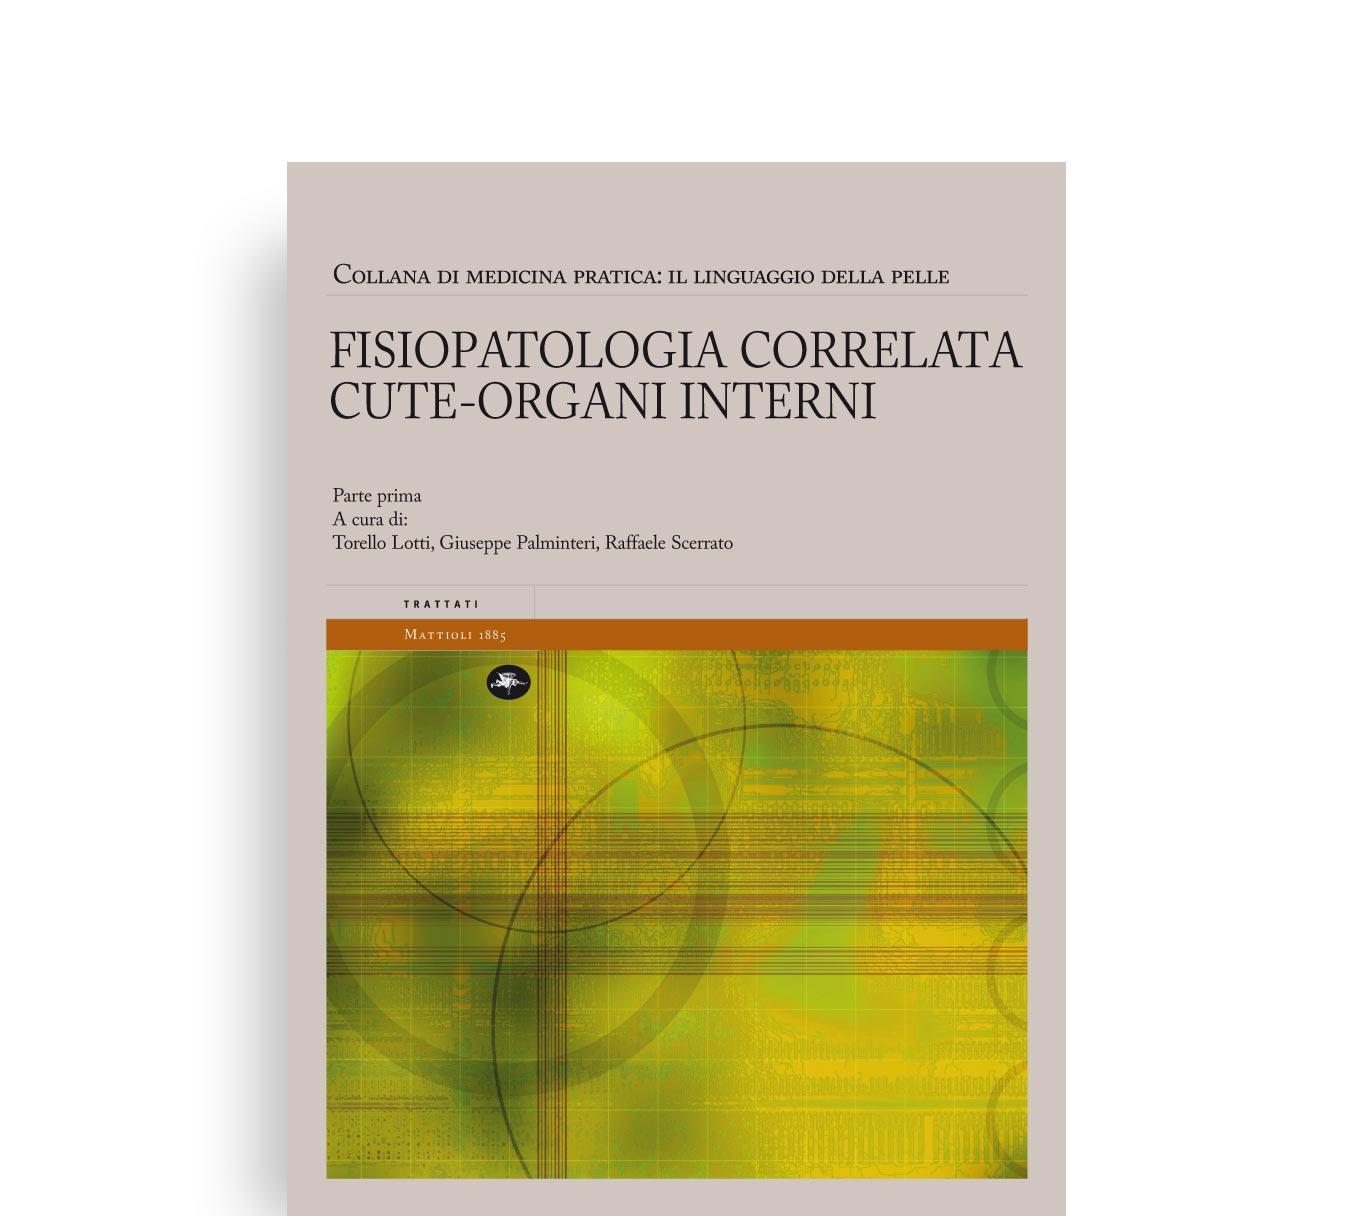 Fisiopatologia correlata cute-organi interni